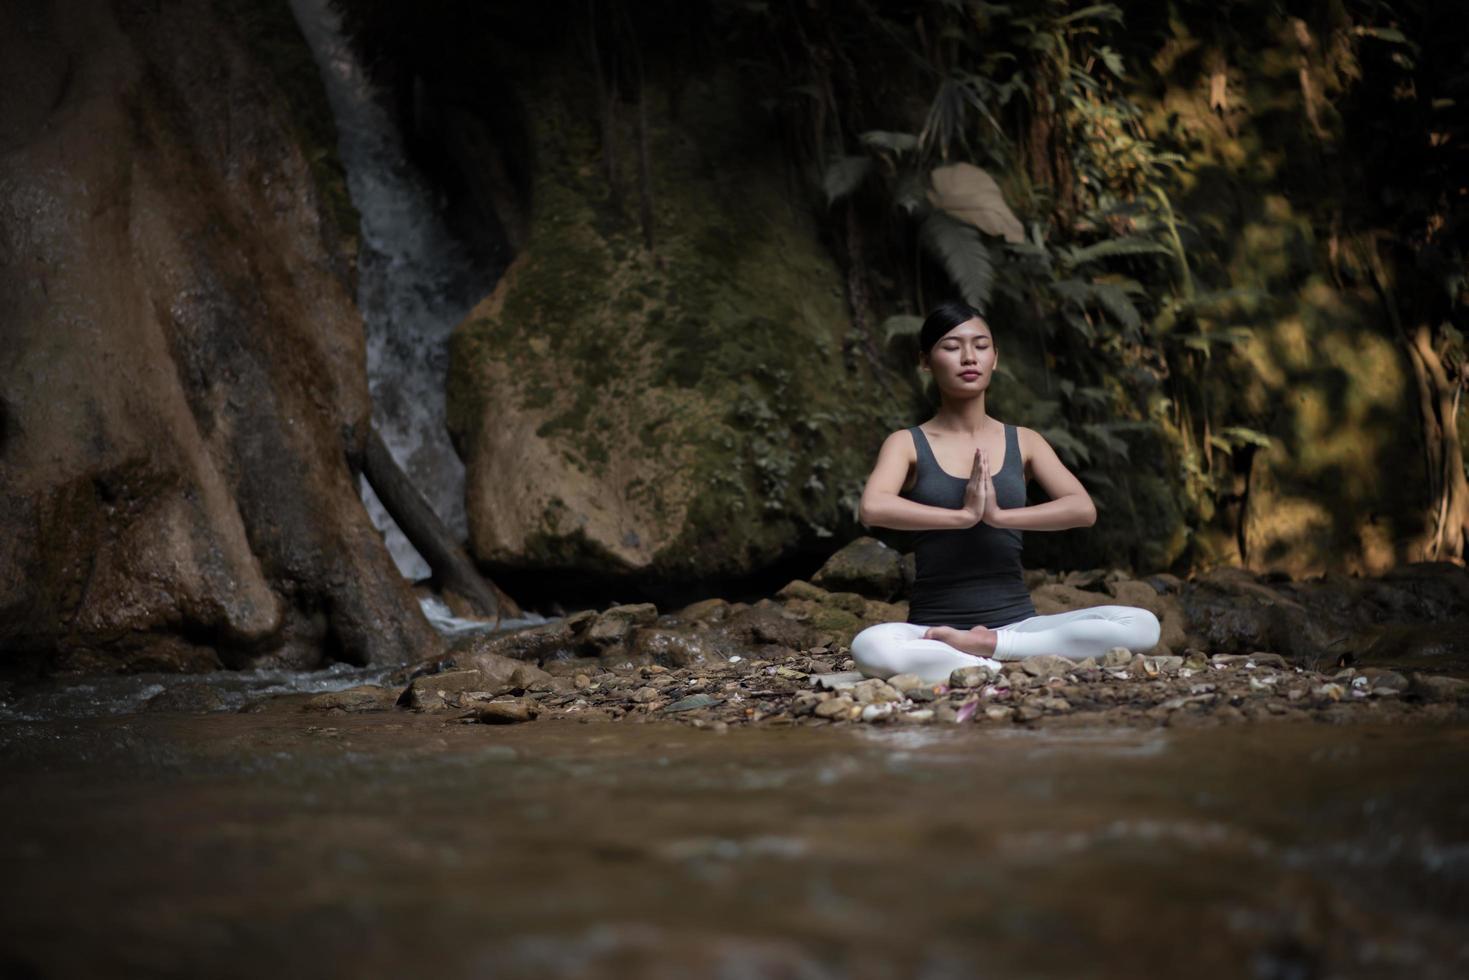 giovane donna in una posa yoga seduto vicino a una cascata foto